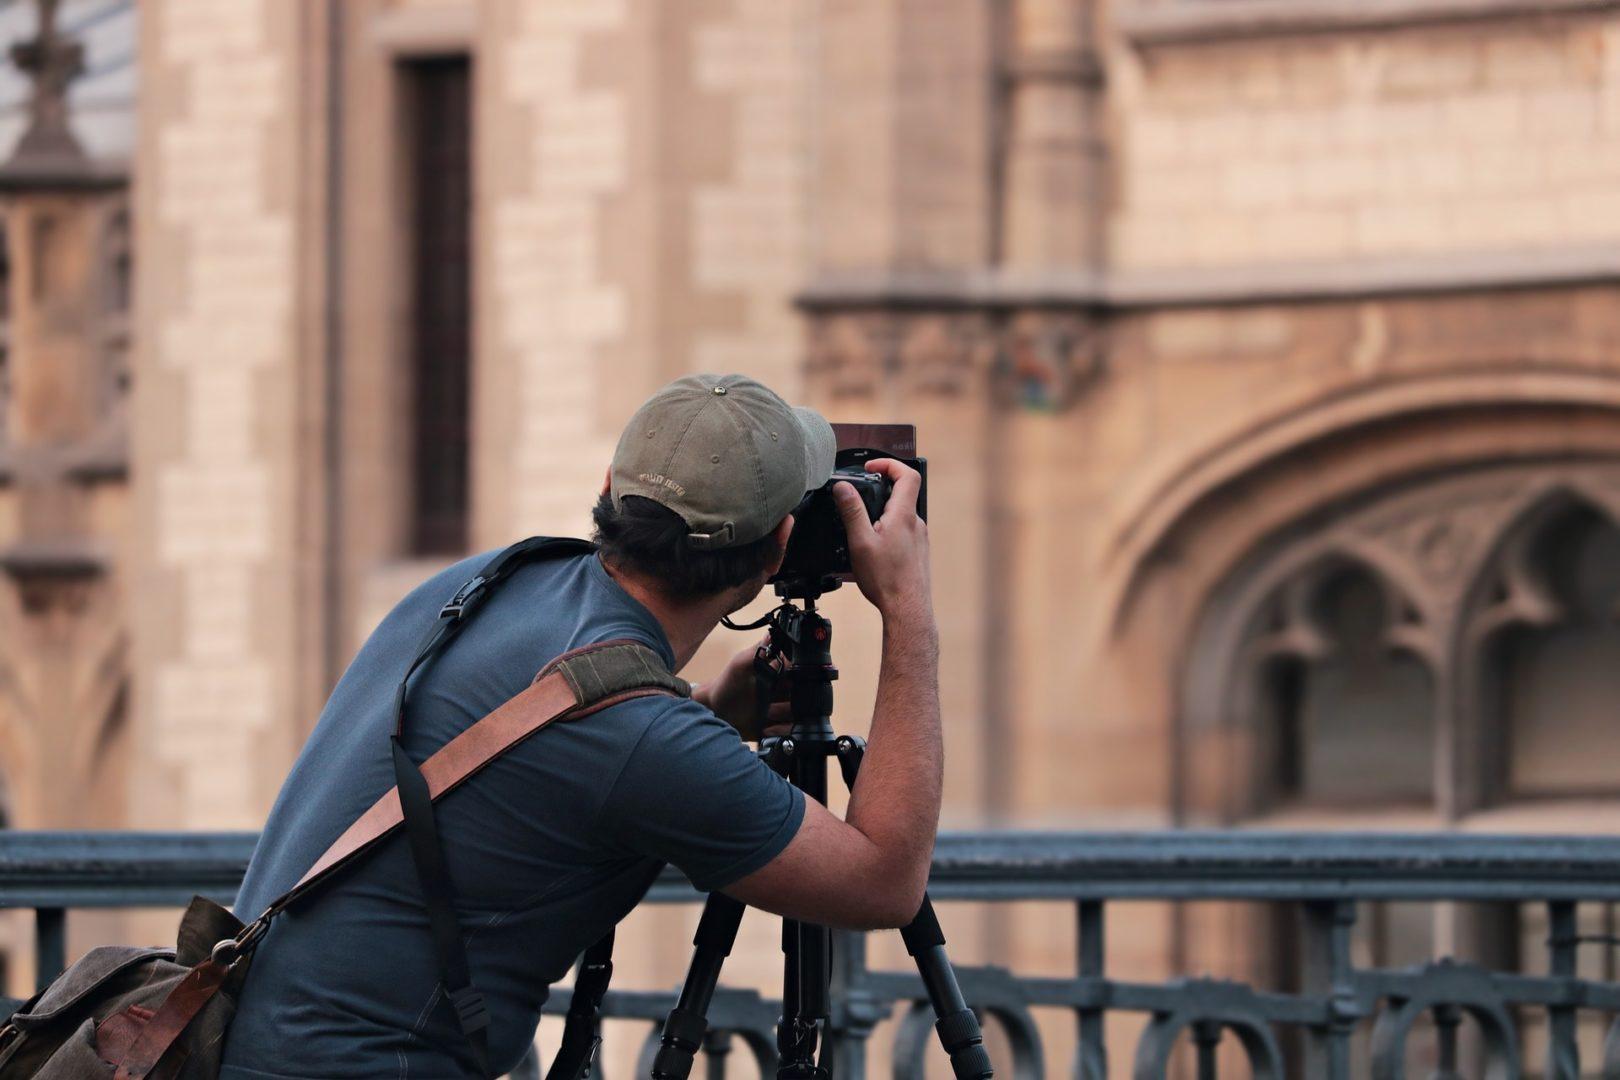 Utiliser un trépied pour réussir ses photos de vacances